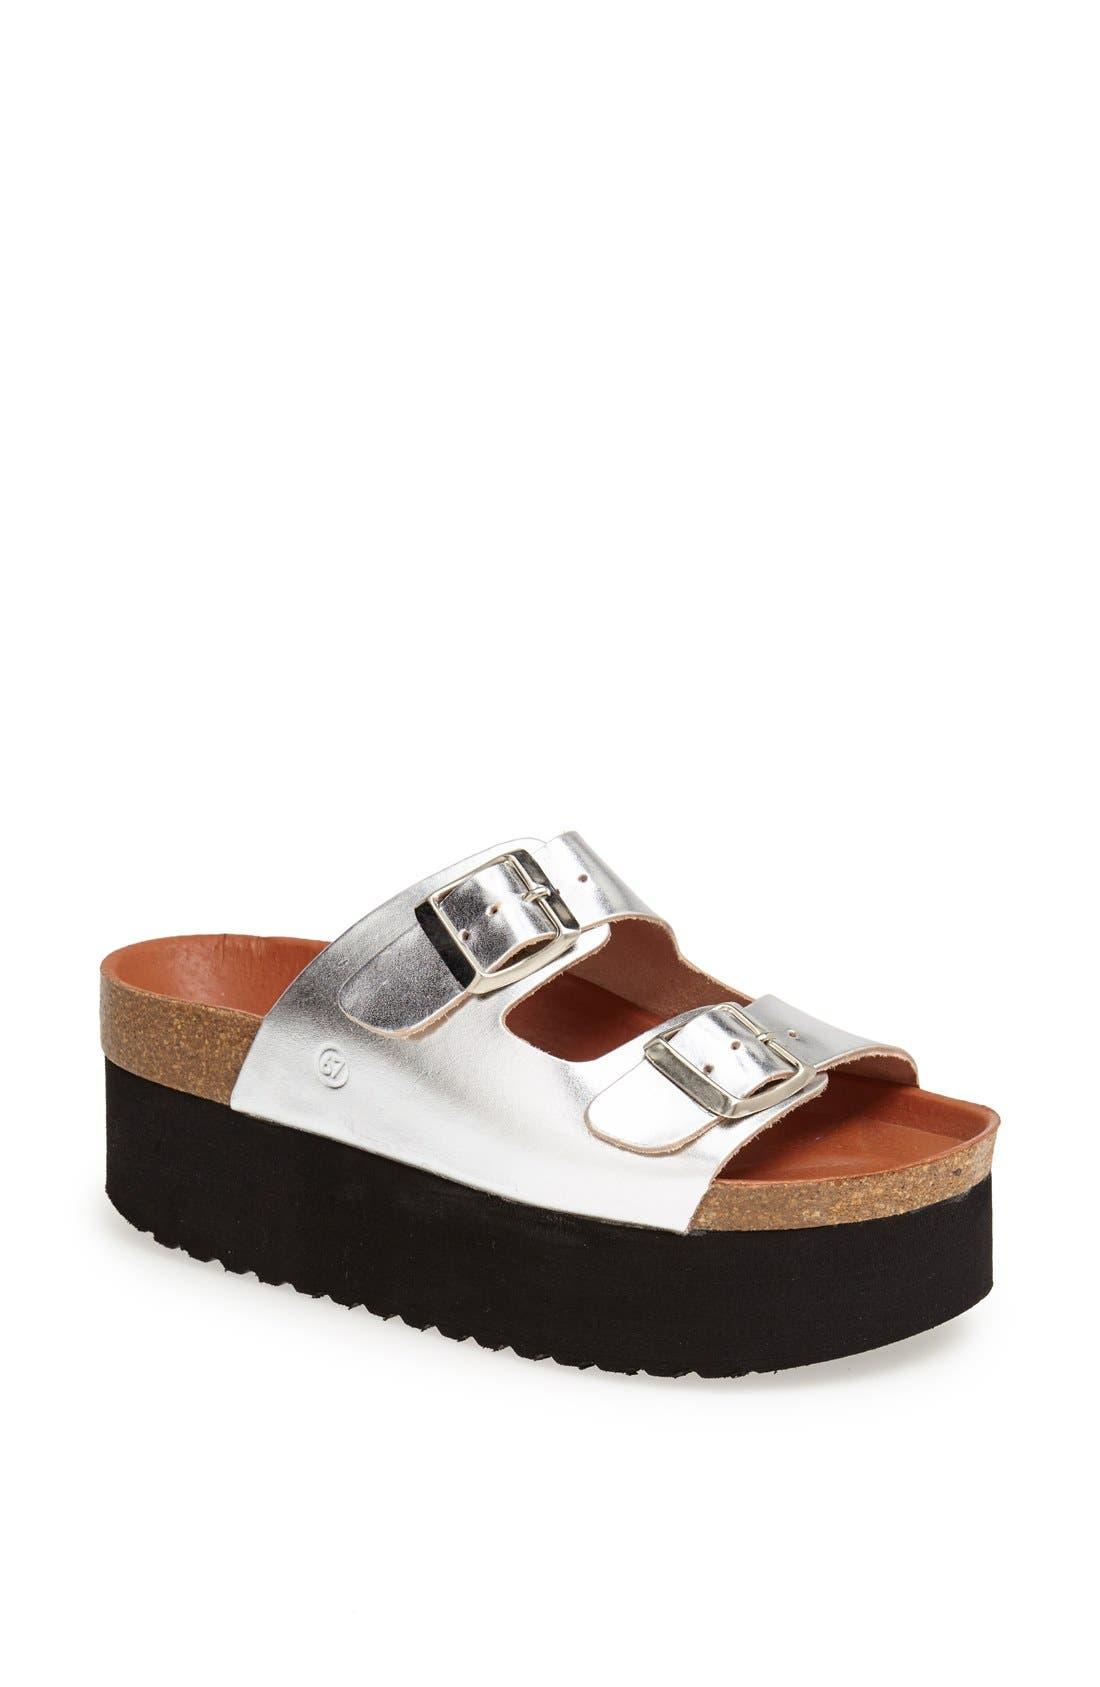 Main Image - SIXTYSEVEN 'Indigo' Sandal